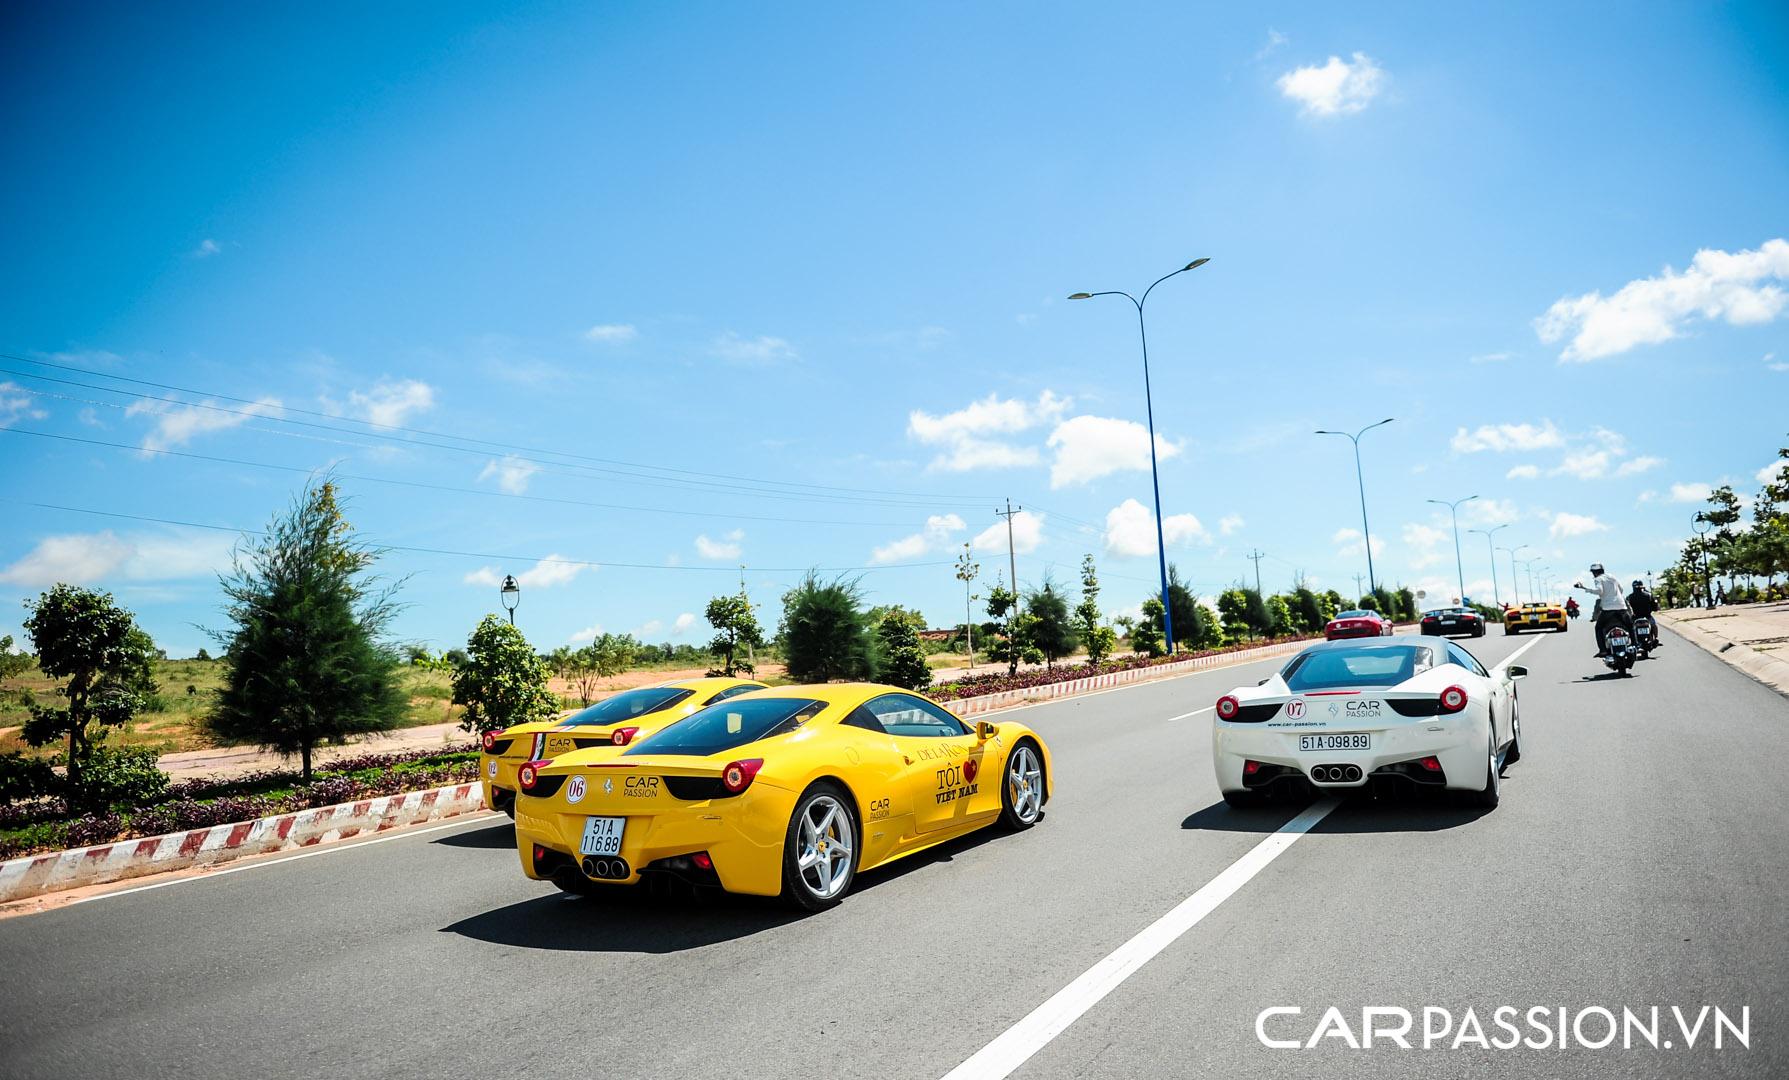 CP-Hành trình siêu xe CarPassion 2011 Day 2 (181).jpg